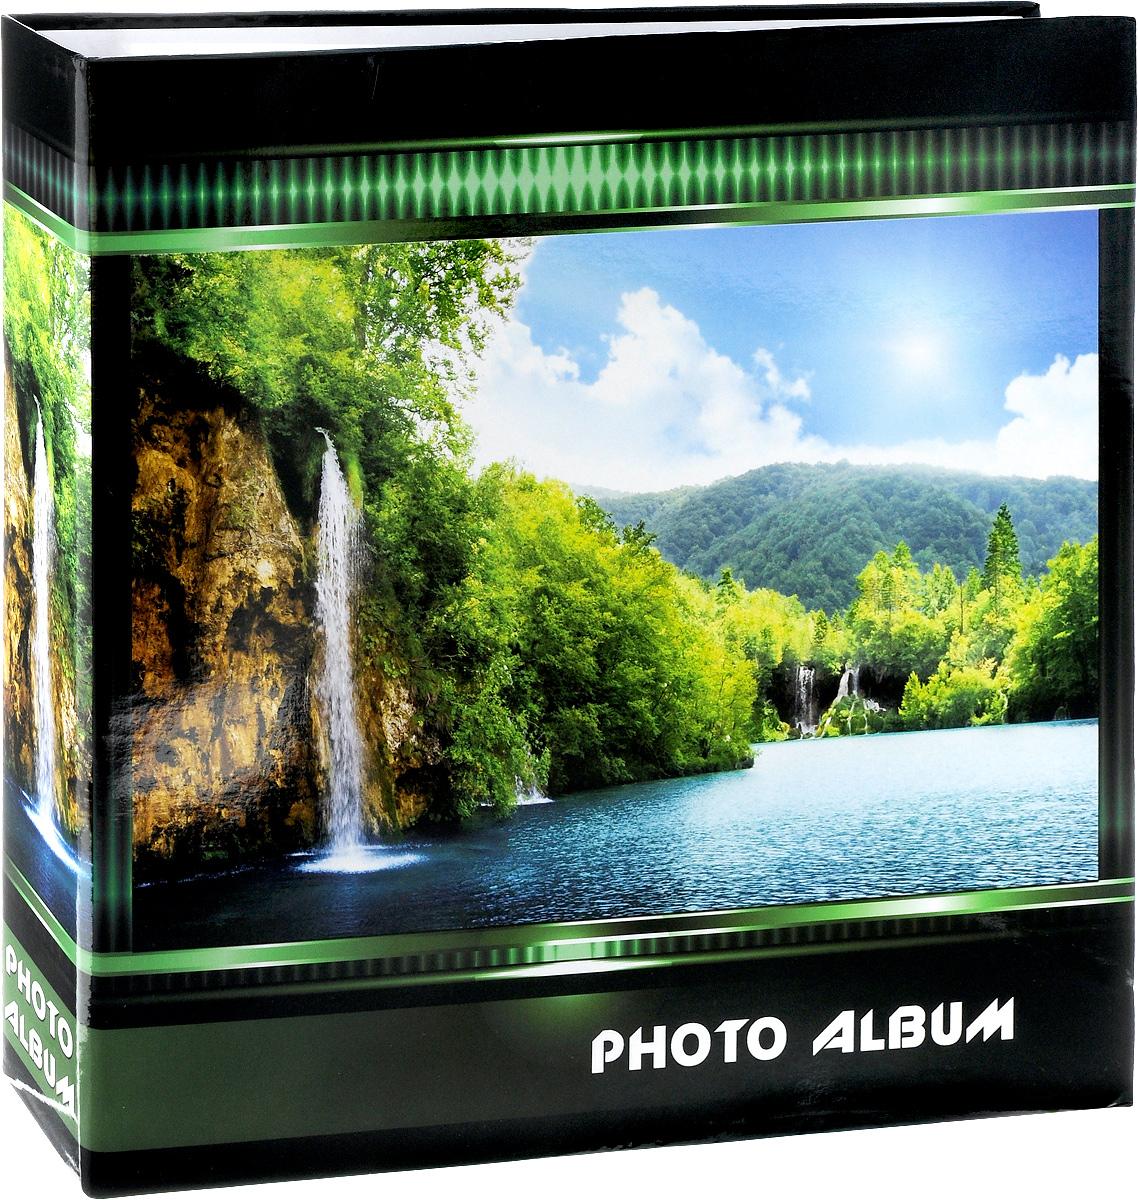 Фотоальбом Pioneer Waterfalls, 500 фотографий, цвет: зеленый, 10 x 15 см47512 AV46500 3-OФотоальбом Pioneer Waterfalls позволит вам запечатлеть незабываемые моменты вашей жизни, сохранить свои истории и воспоминания на его страницах. Обложка из ламинированного картона оформлена принтом в виде водопада. Фотоальбом рассчитан на 500 фотографии форматом 10 x 15 см. Фотографии фиксируется внутри с помощью кармашек. Такой необычный фотоальбом позволит легко заполнить страницы вашей истории, и с годами ничего не забудется. На странице размещаются 5 фотографий: 3 горизонтально и 2 вертикально. Количество страниц: 100. Материал обложки: Ламинированный картон. Переплет: на кольцах. Материалы, использованные в изготовлении альбома, обеспечивают высокое качество хранения ваших фотографий, поэтому фотографии не желтеют со временем.